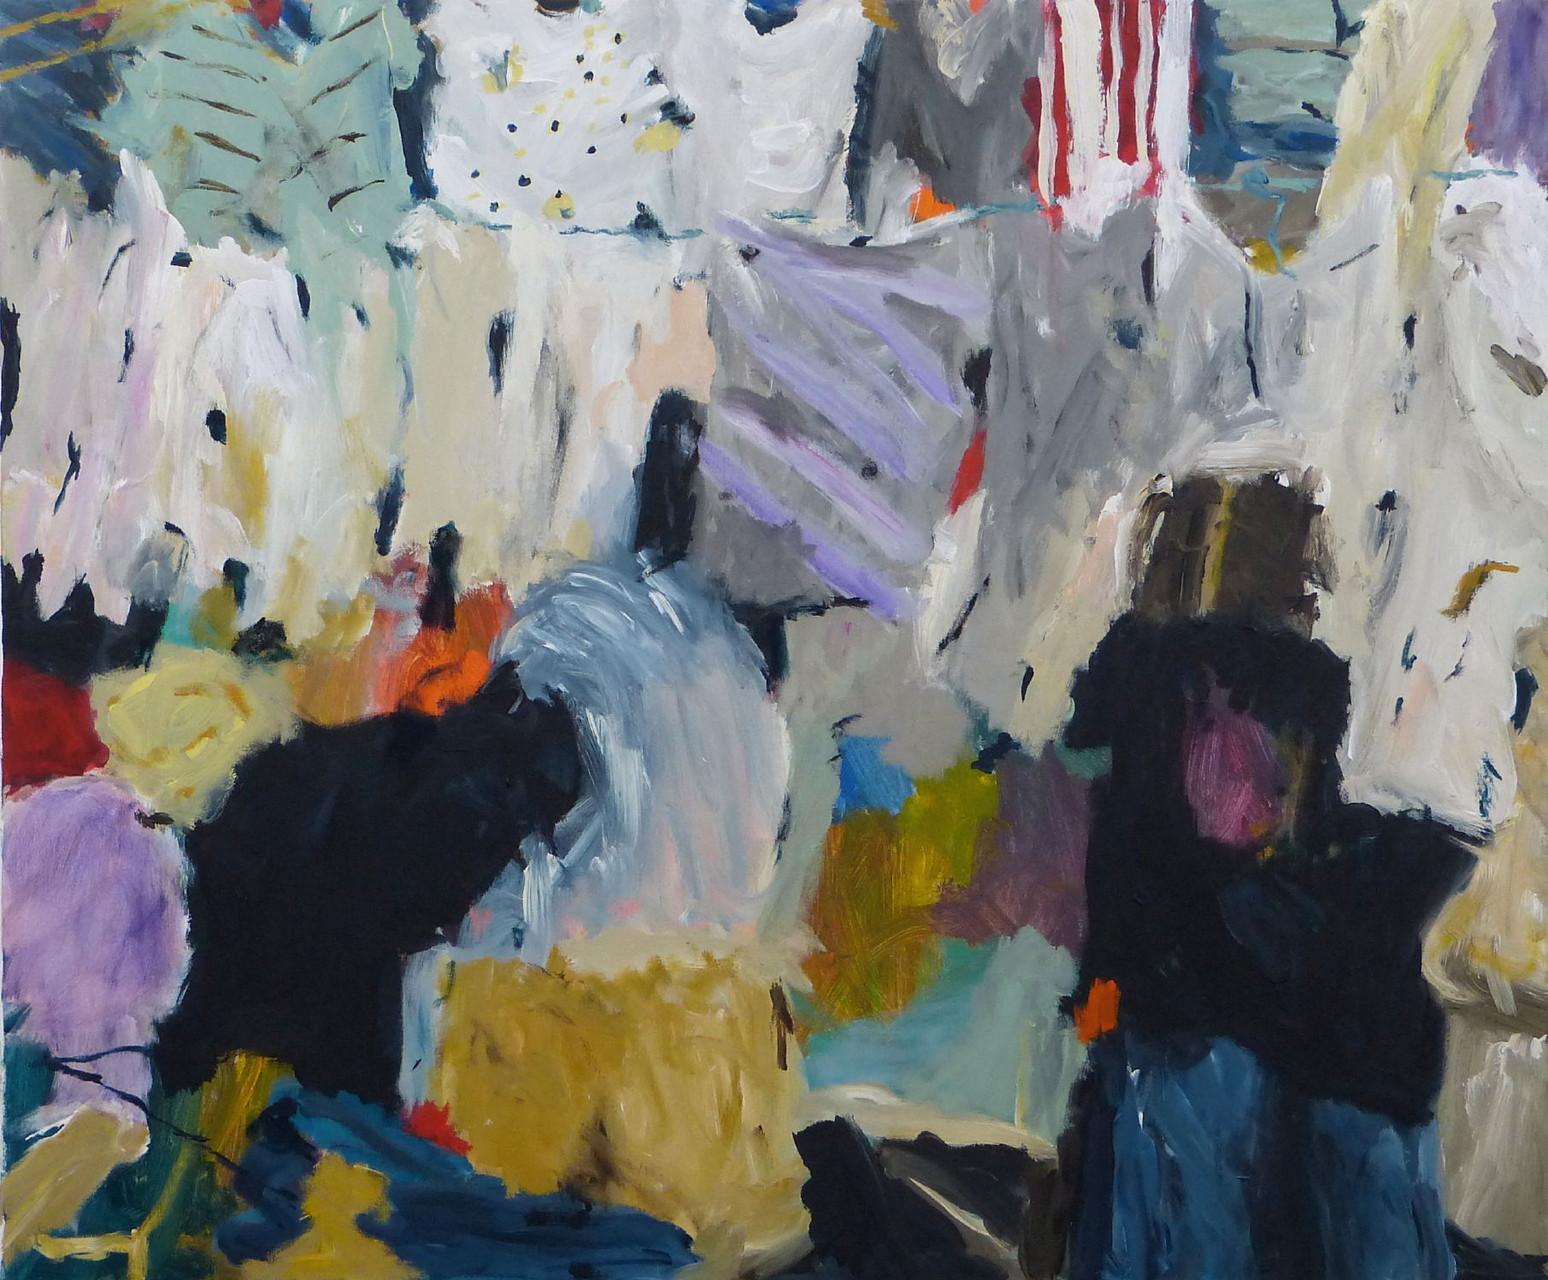 Dhobi Ghat IV, Acryl/Lwd., 100 x 120 cm, 2013